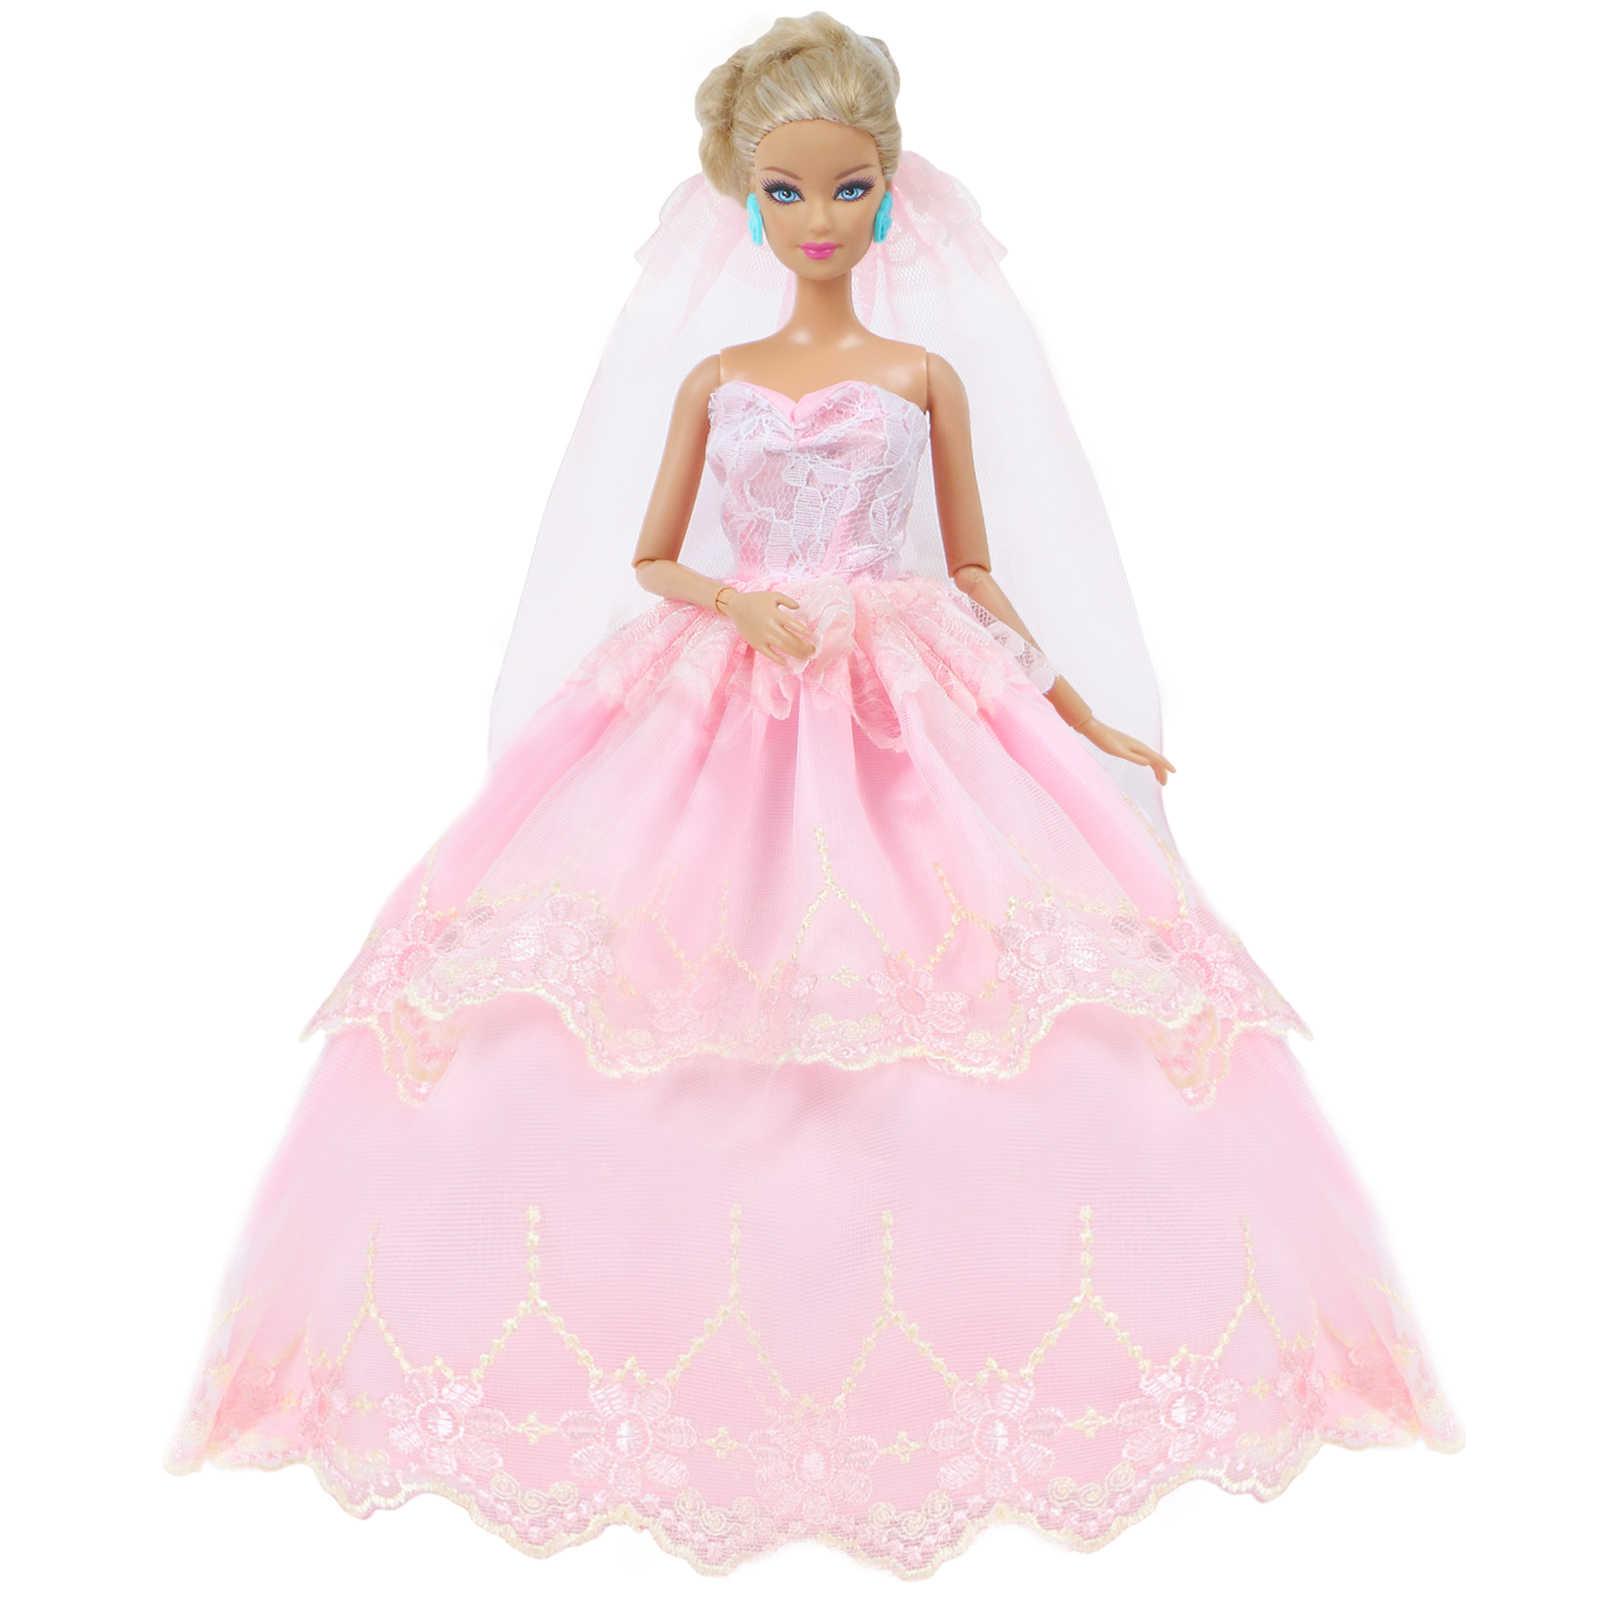 高品質人形刺繍ウェディングドレスブライダルウェアピンクのガウン + セクシーなレースのベールの服バービー人形 12 ''人形アクセサリー